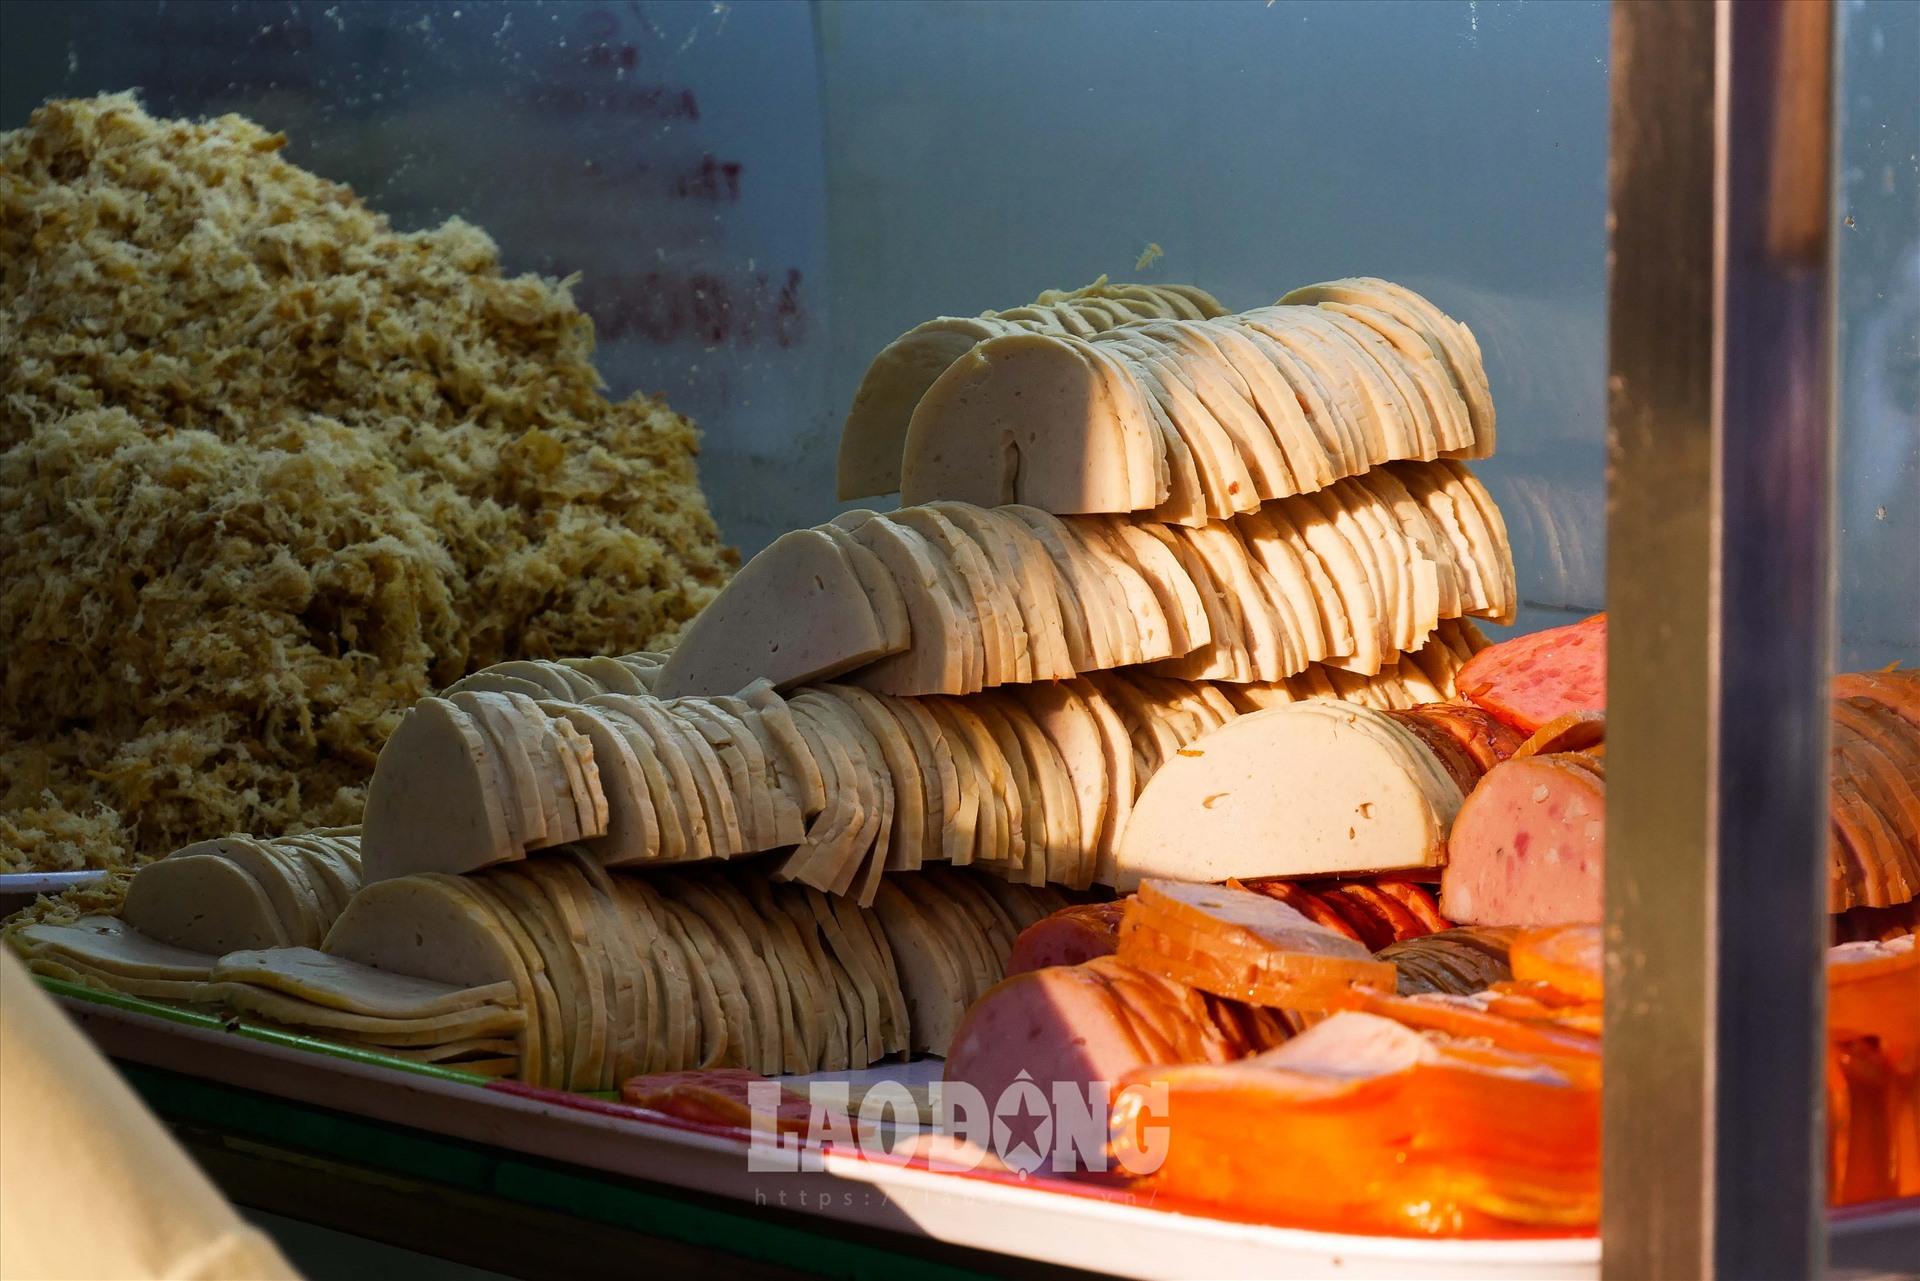 Nhiều du khách thích thú cho rằng, những người bán hàng đã khéo léo bày biện đồ ăn kèm vô cùng bắt mắt và ngon miệng.